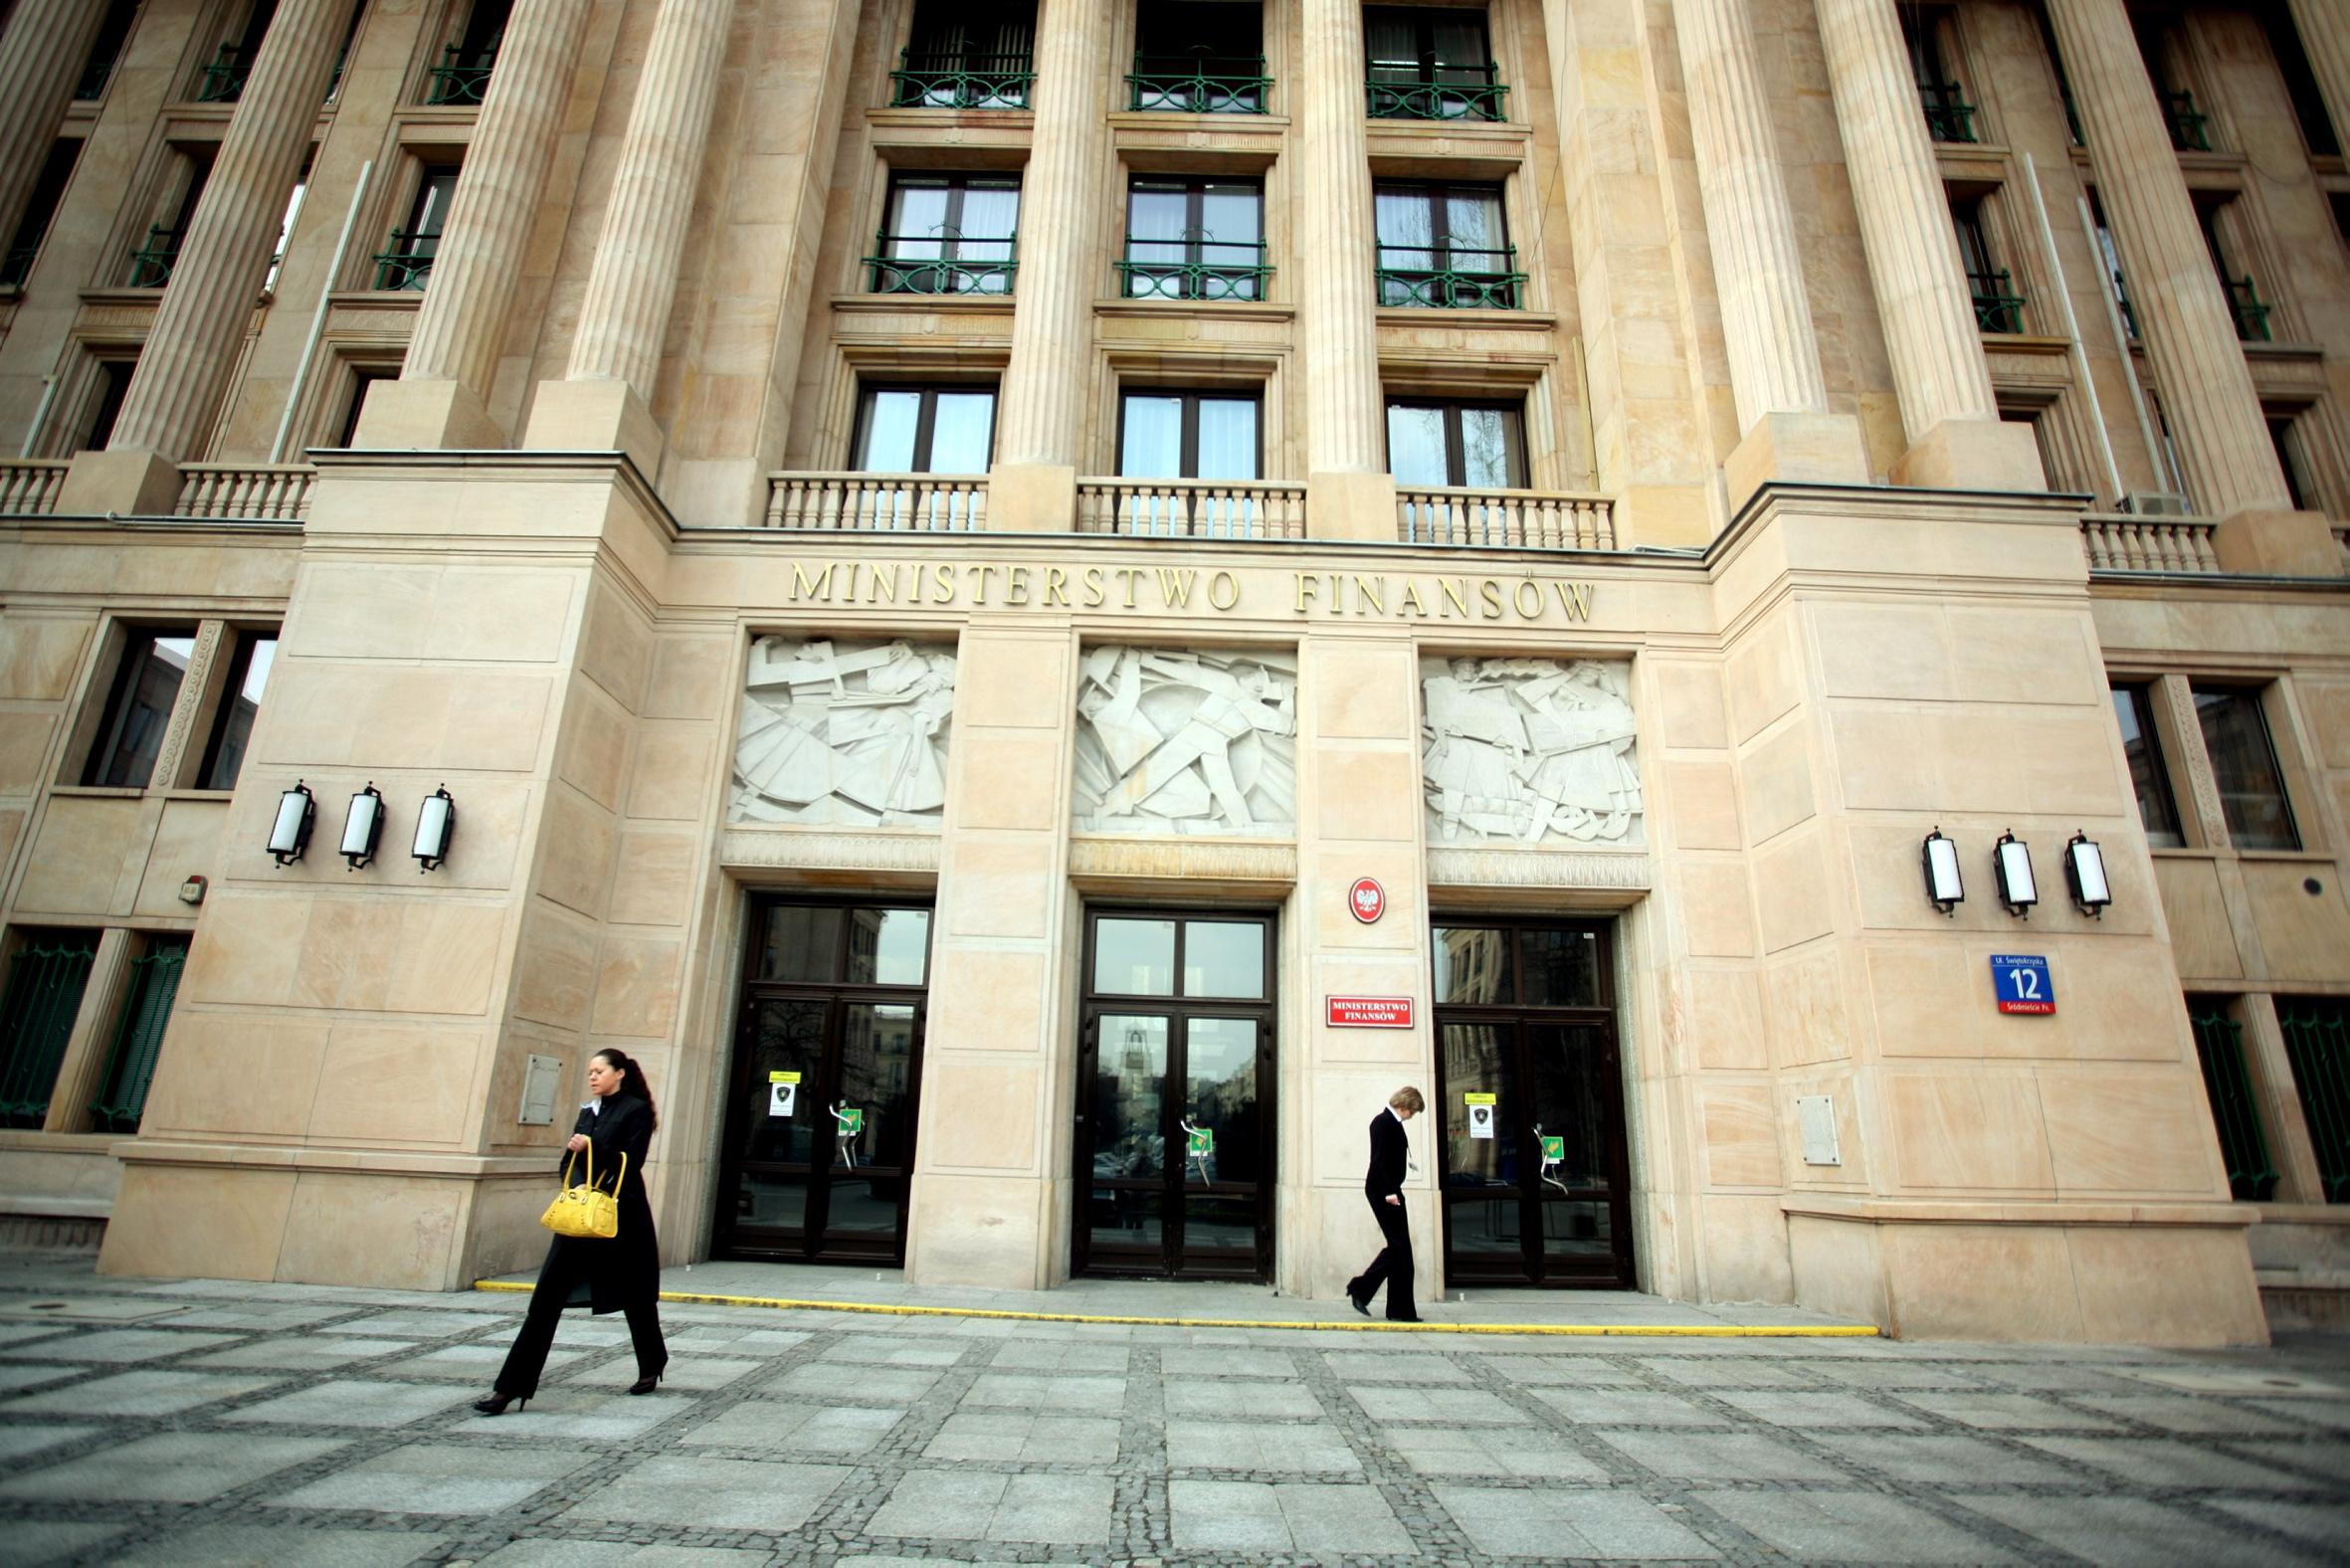 Komisja śledcza ds. VAT: Kto w rządzie Tuska zaniedbał uszczelnienia podatku VAT? [ZOBACZ MAILA]